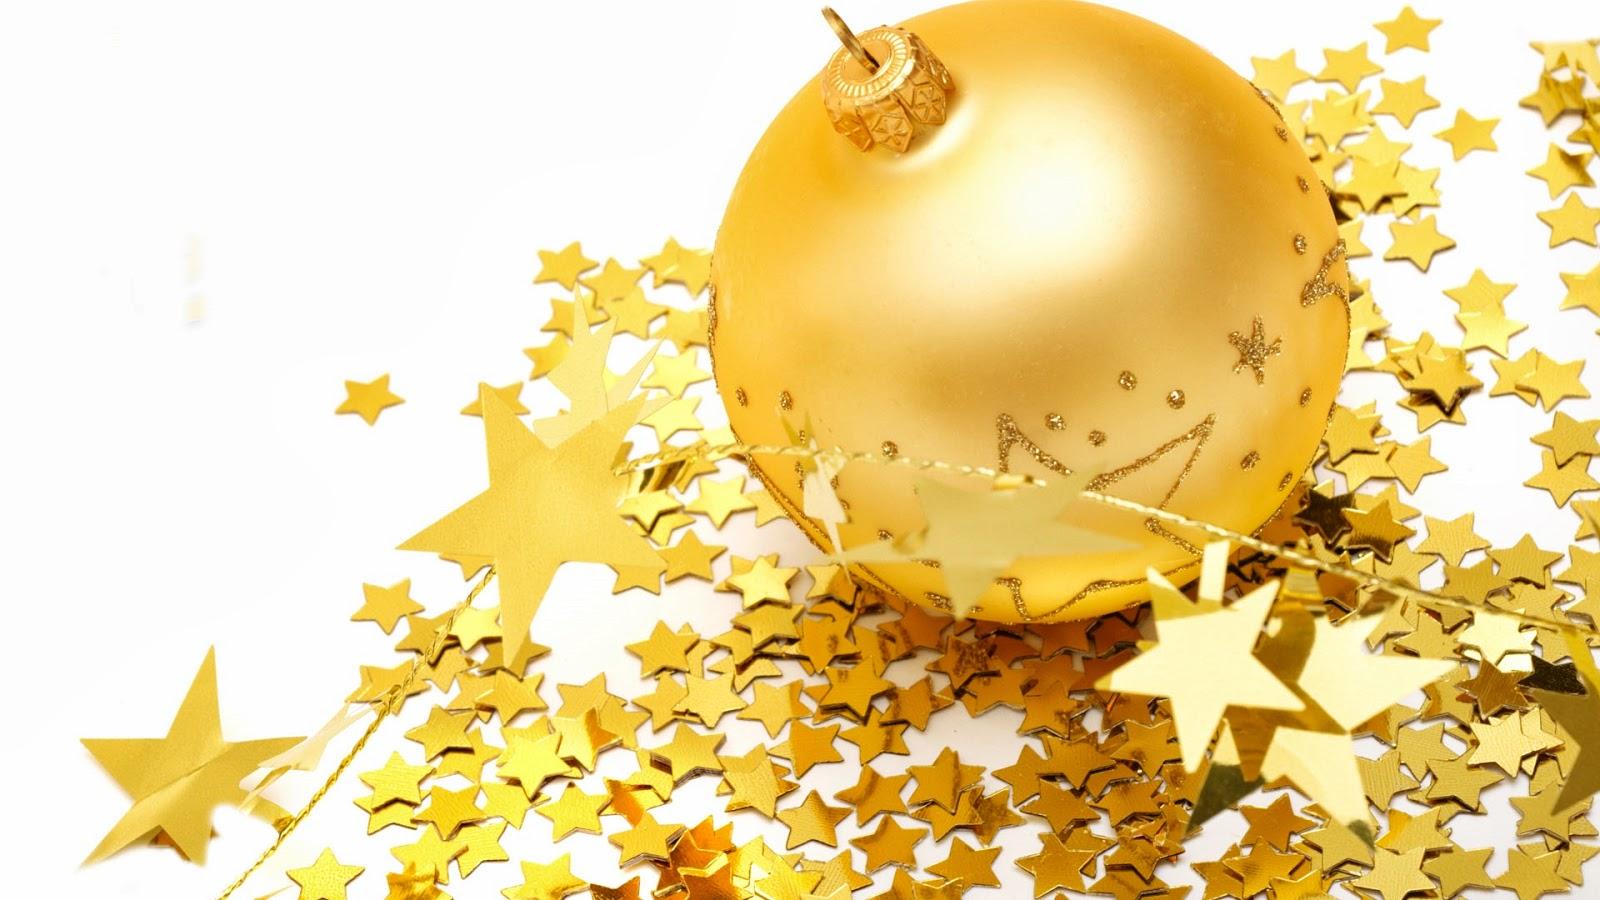 Imagenes hilandy fondo de pantalla navidad bolas y - Bolas de navidad doradas ...